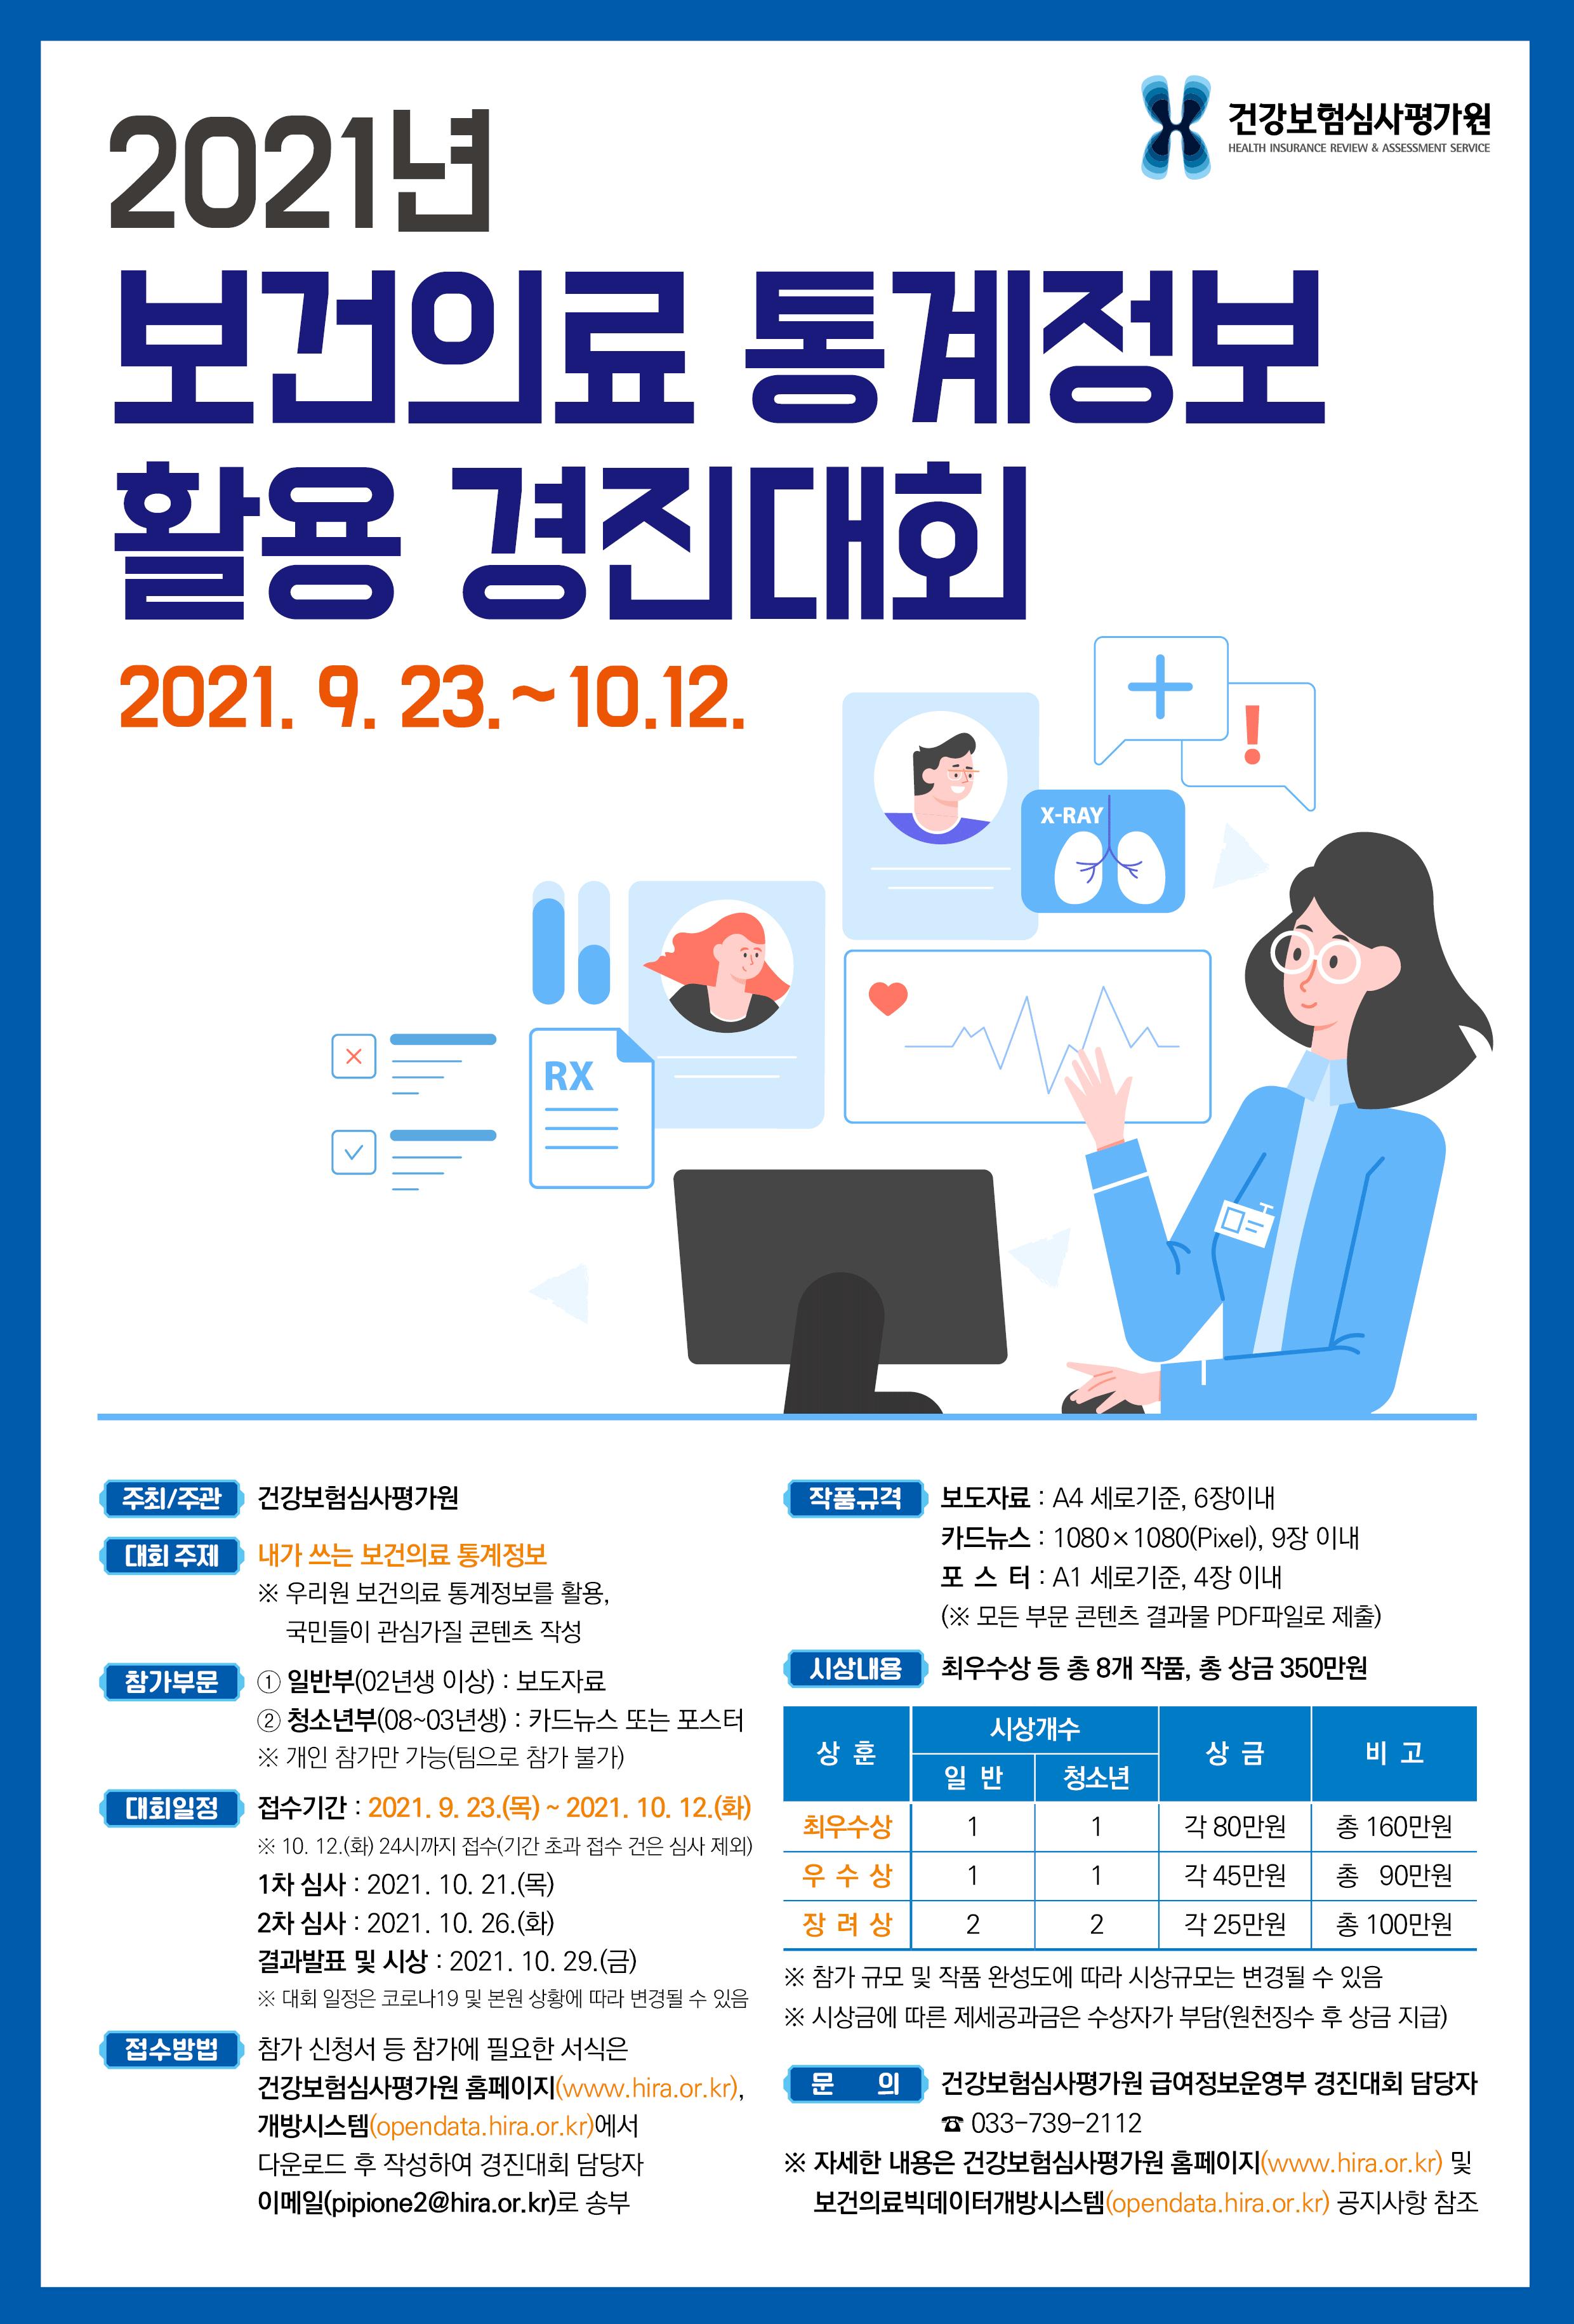 붙임2. 2021년 보건의료 통계정보 활용 경진대회 포스터.png